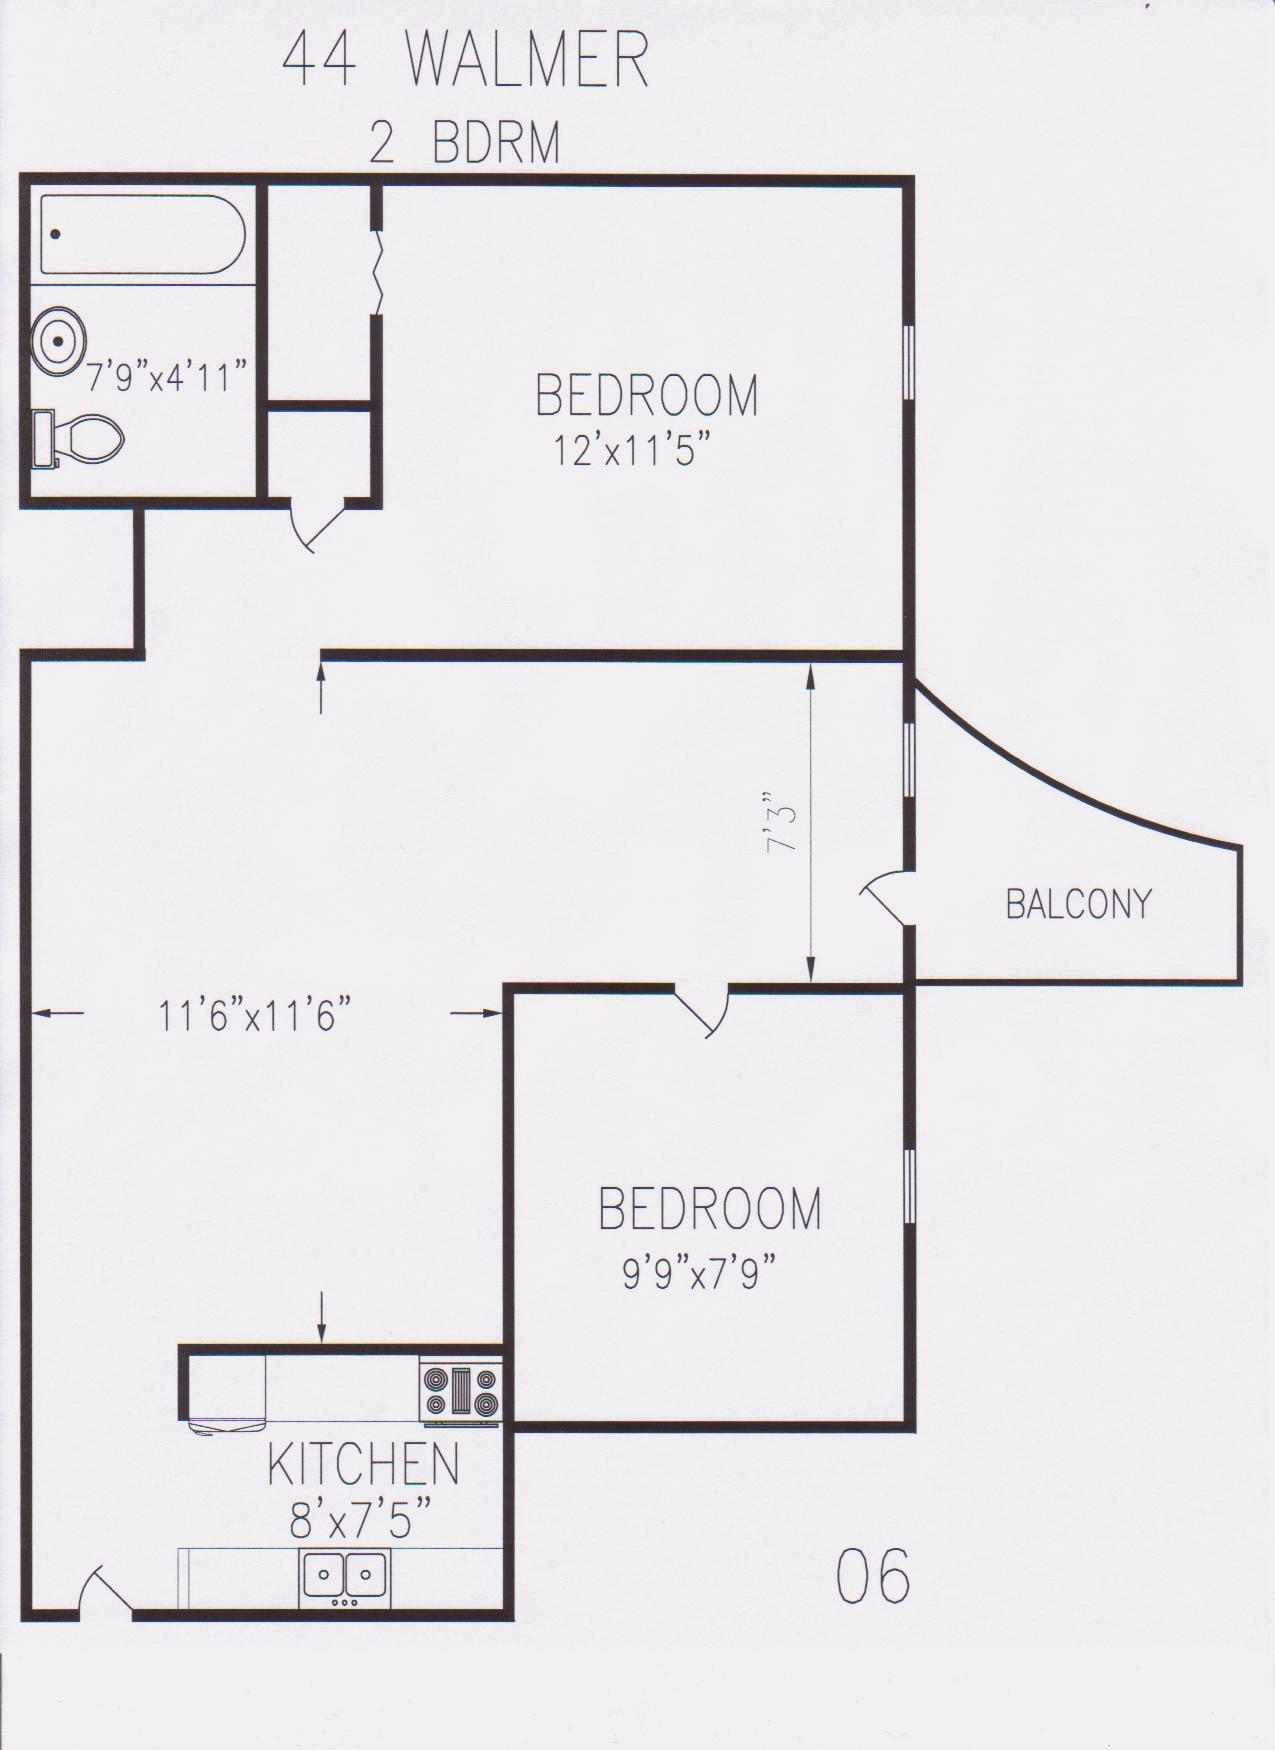 44 Walmer Road 171 Mercedes Homes Inc